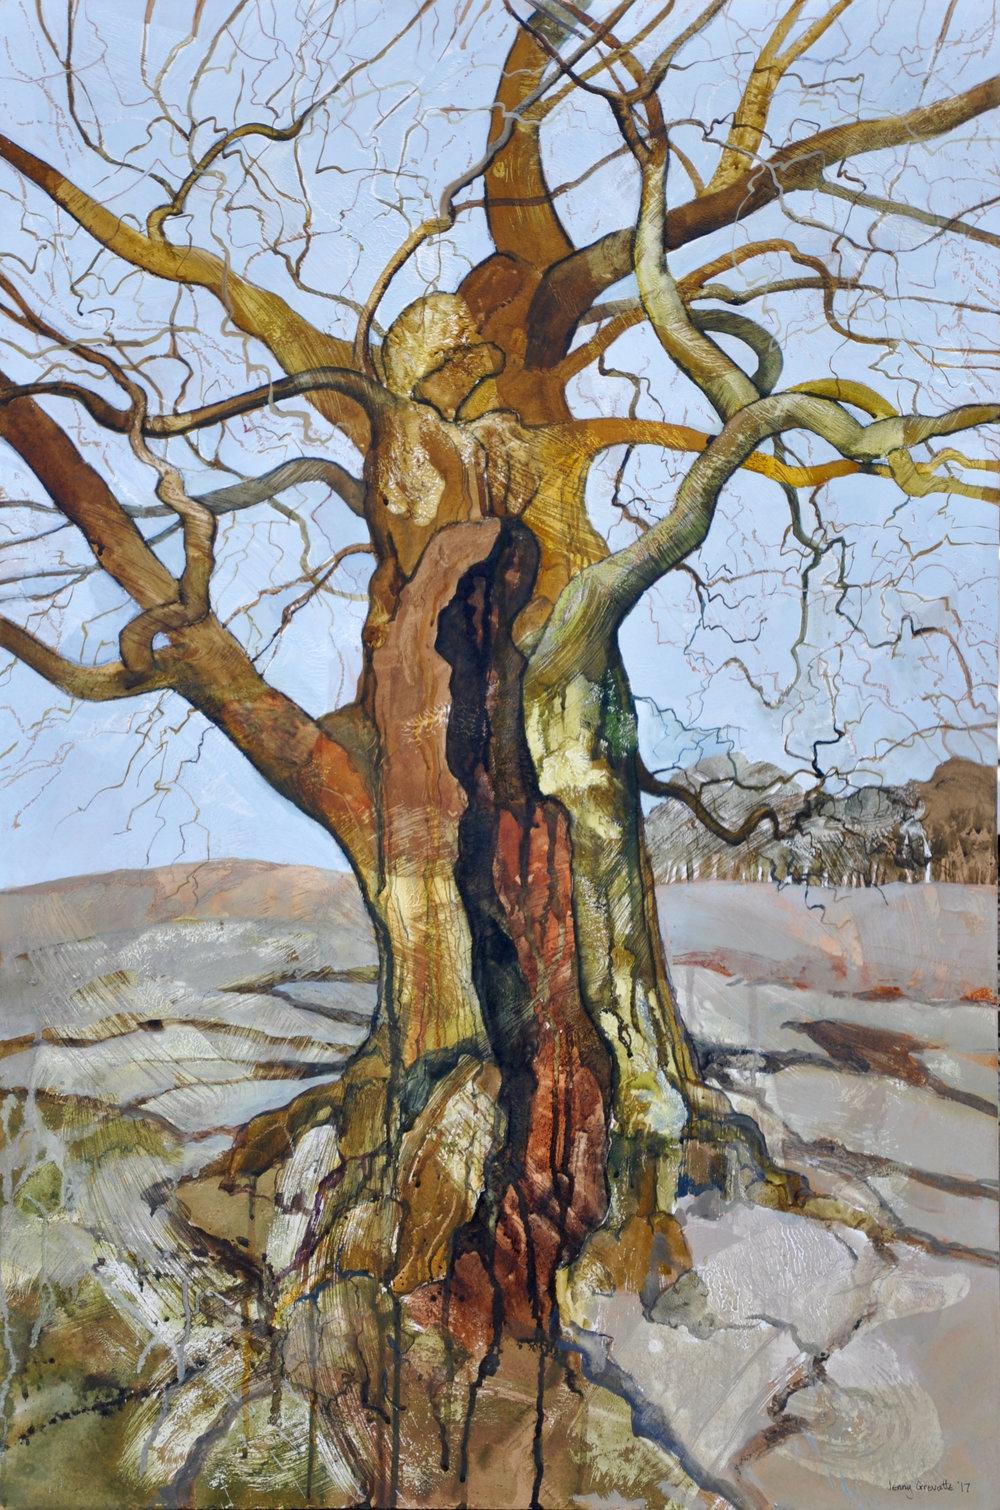 Portrait of an ancient oak, Bradgate